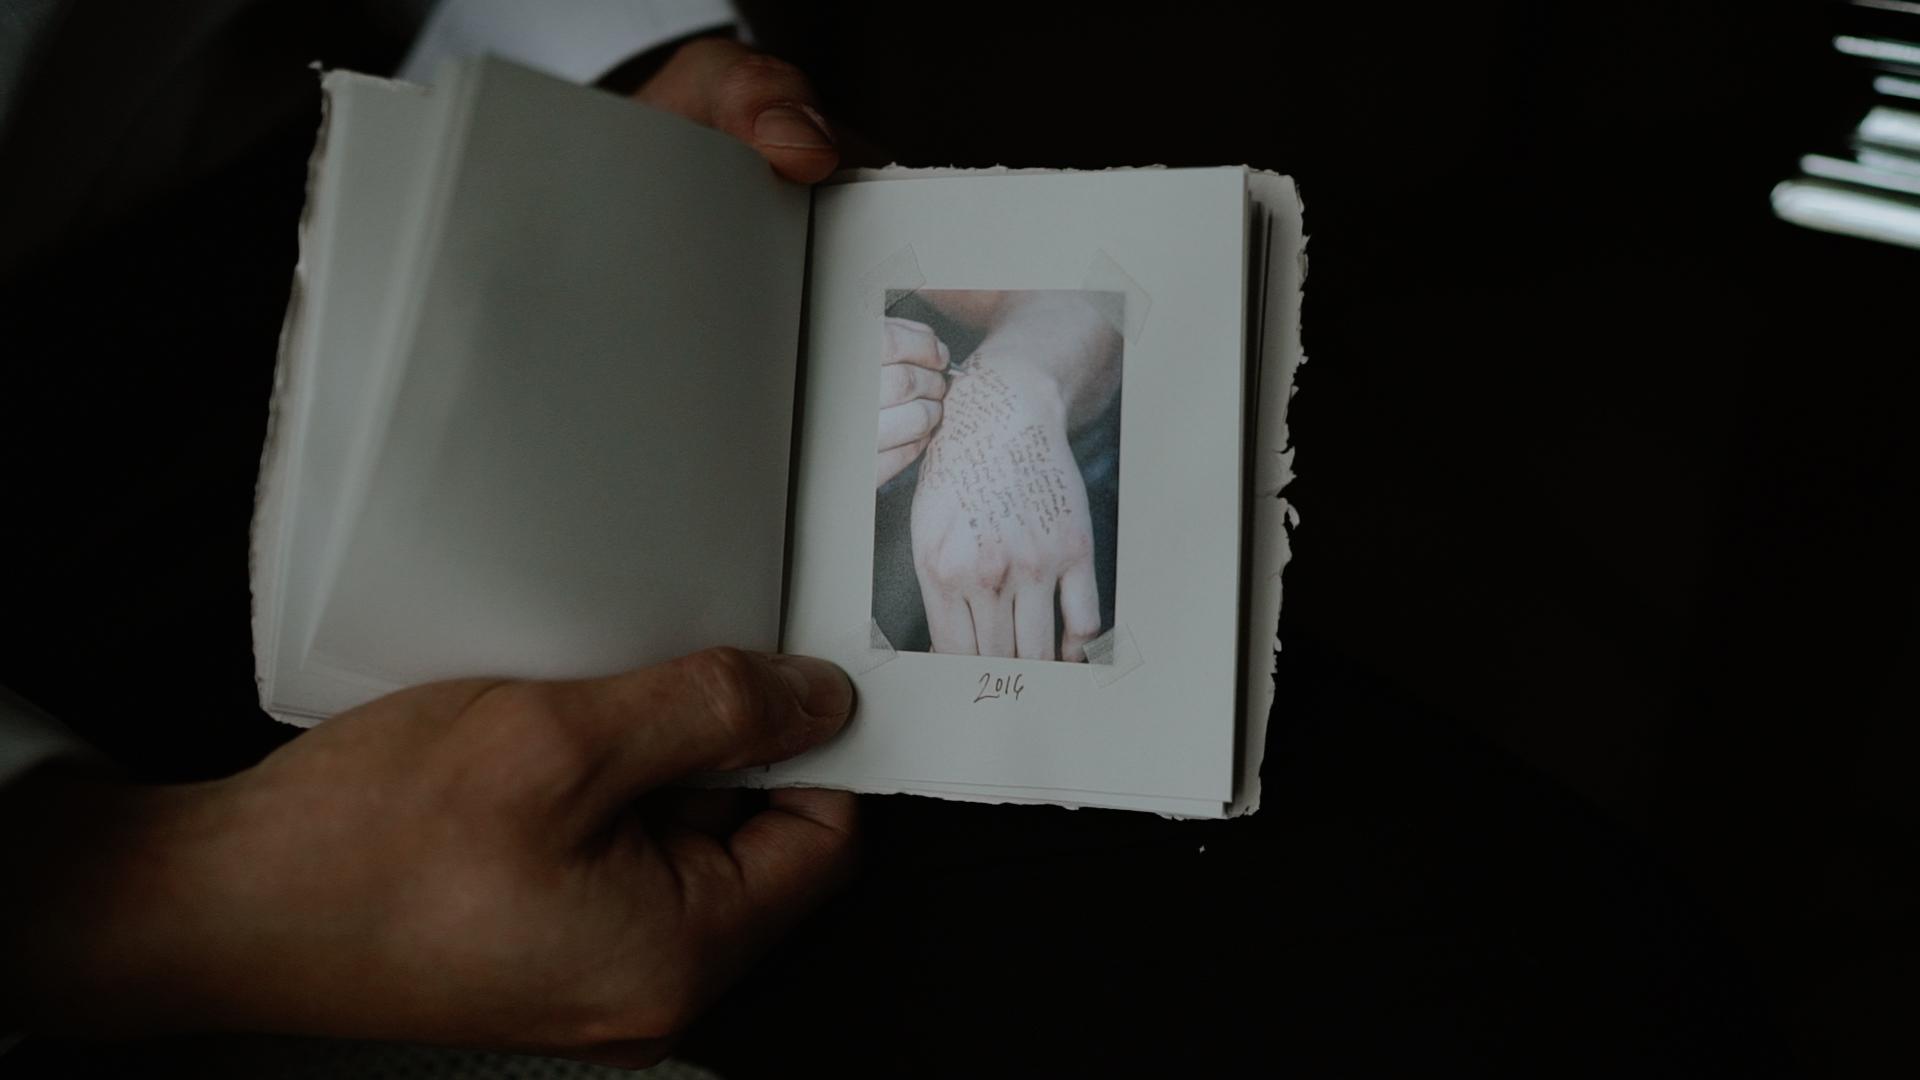 Film_Stills_48.jpg